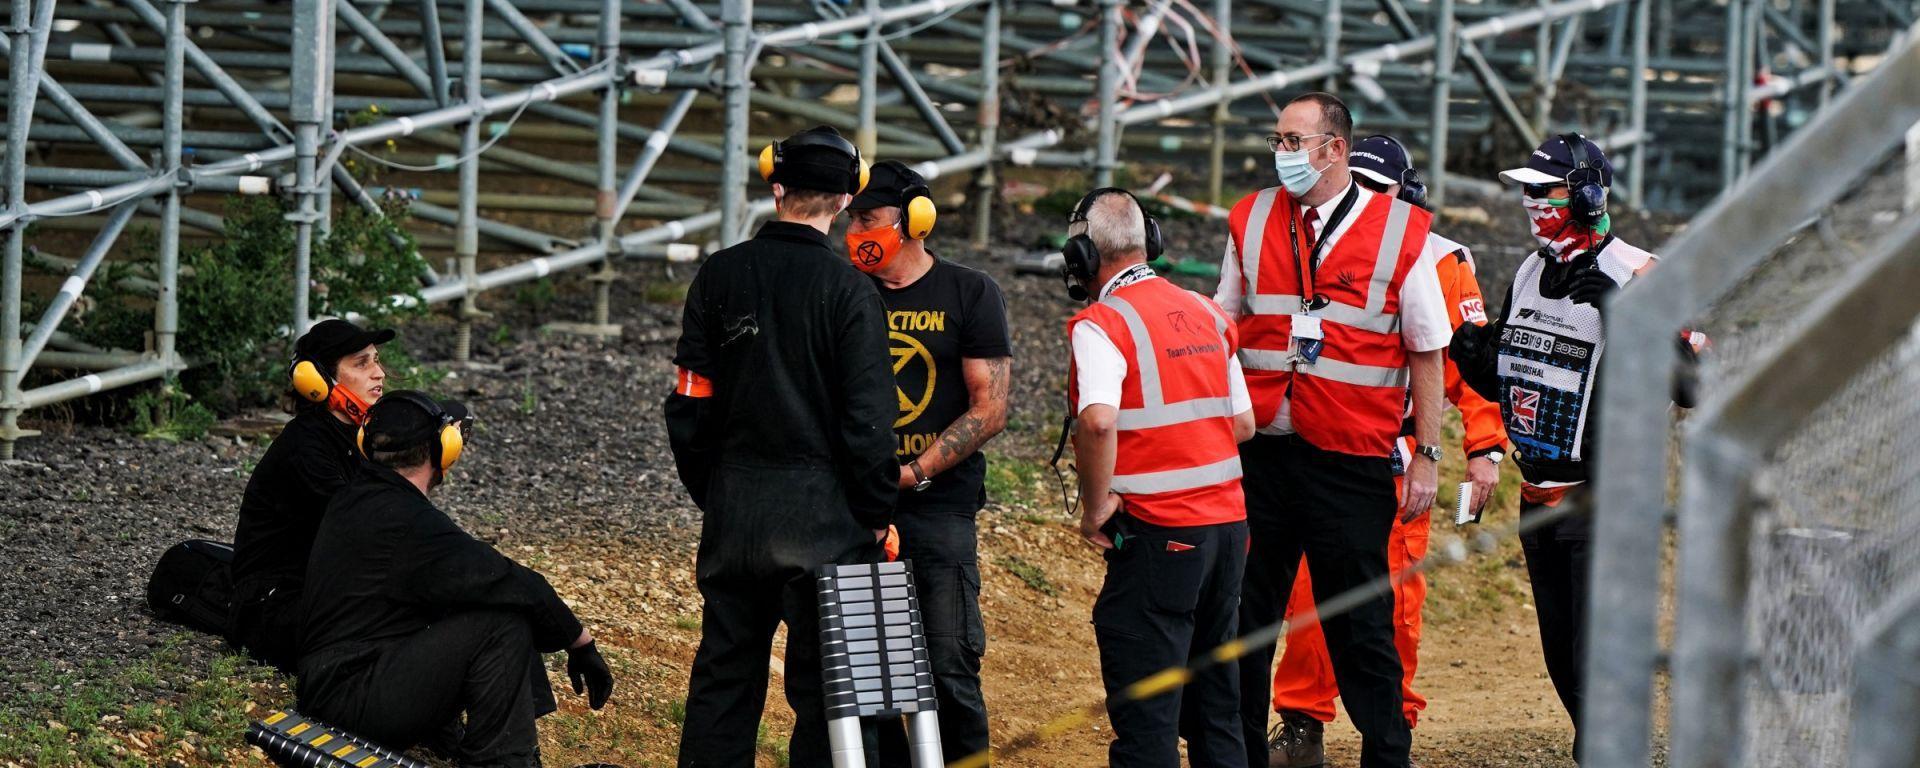 F1, GP Gran Bretagna 2020: gli attivisti di Extinction Rebellion